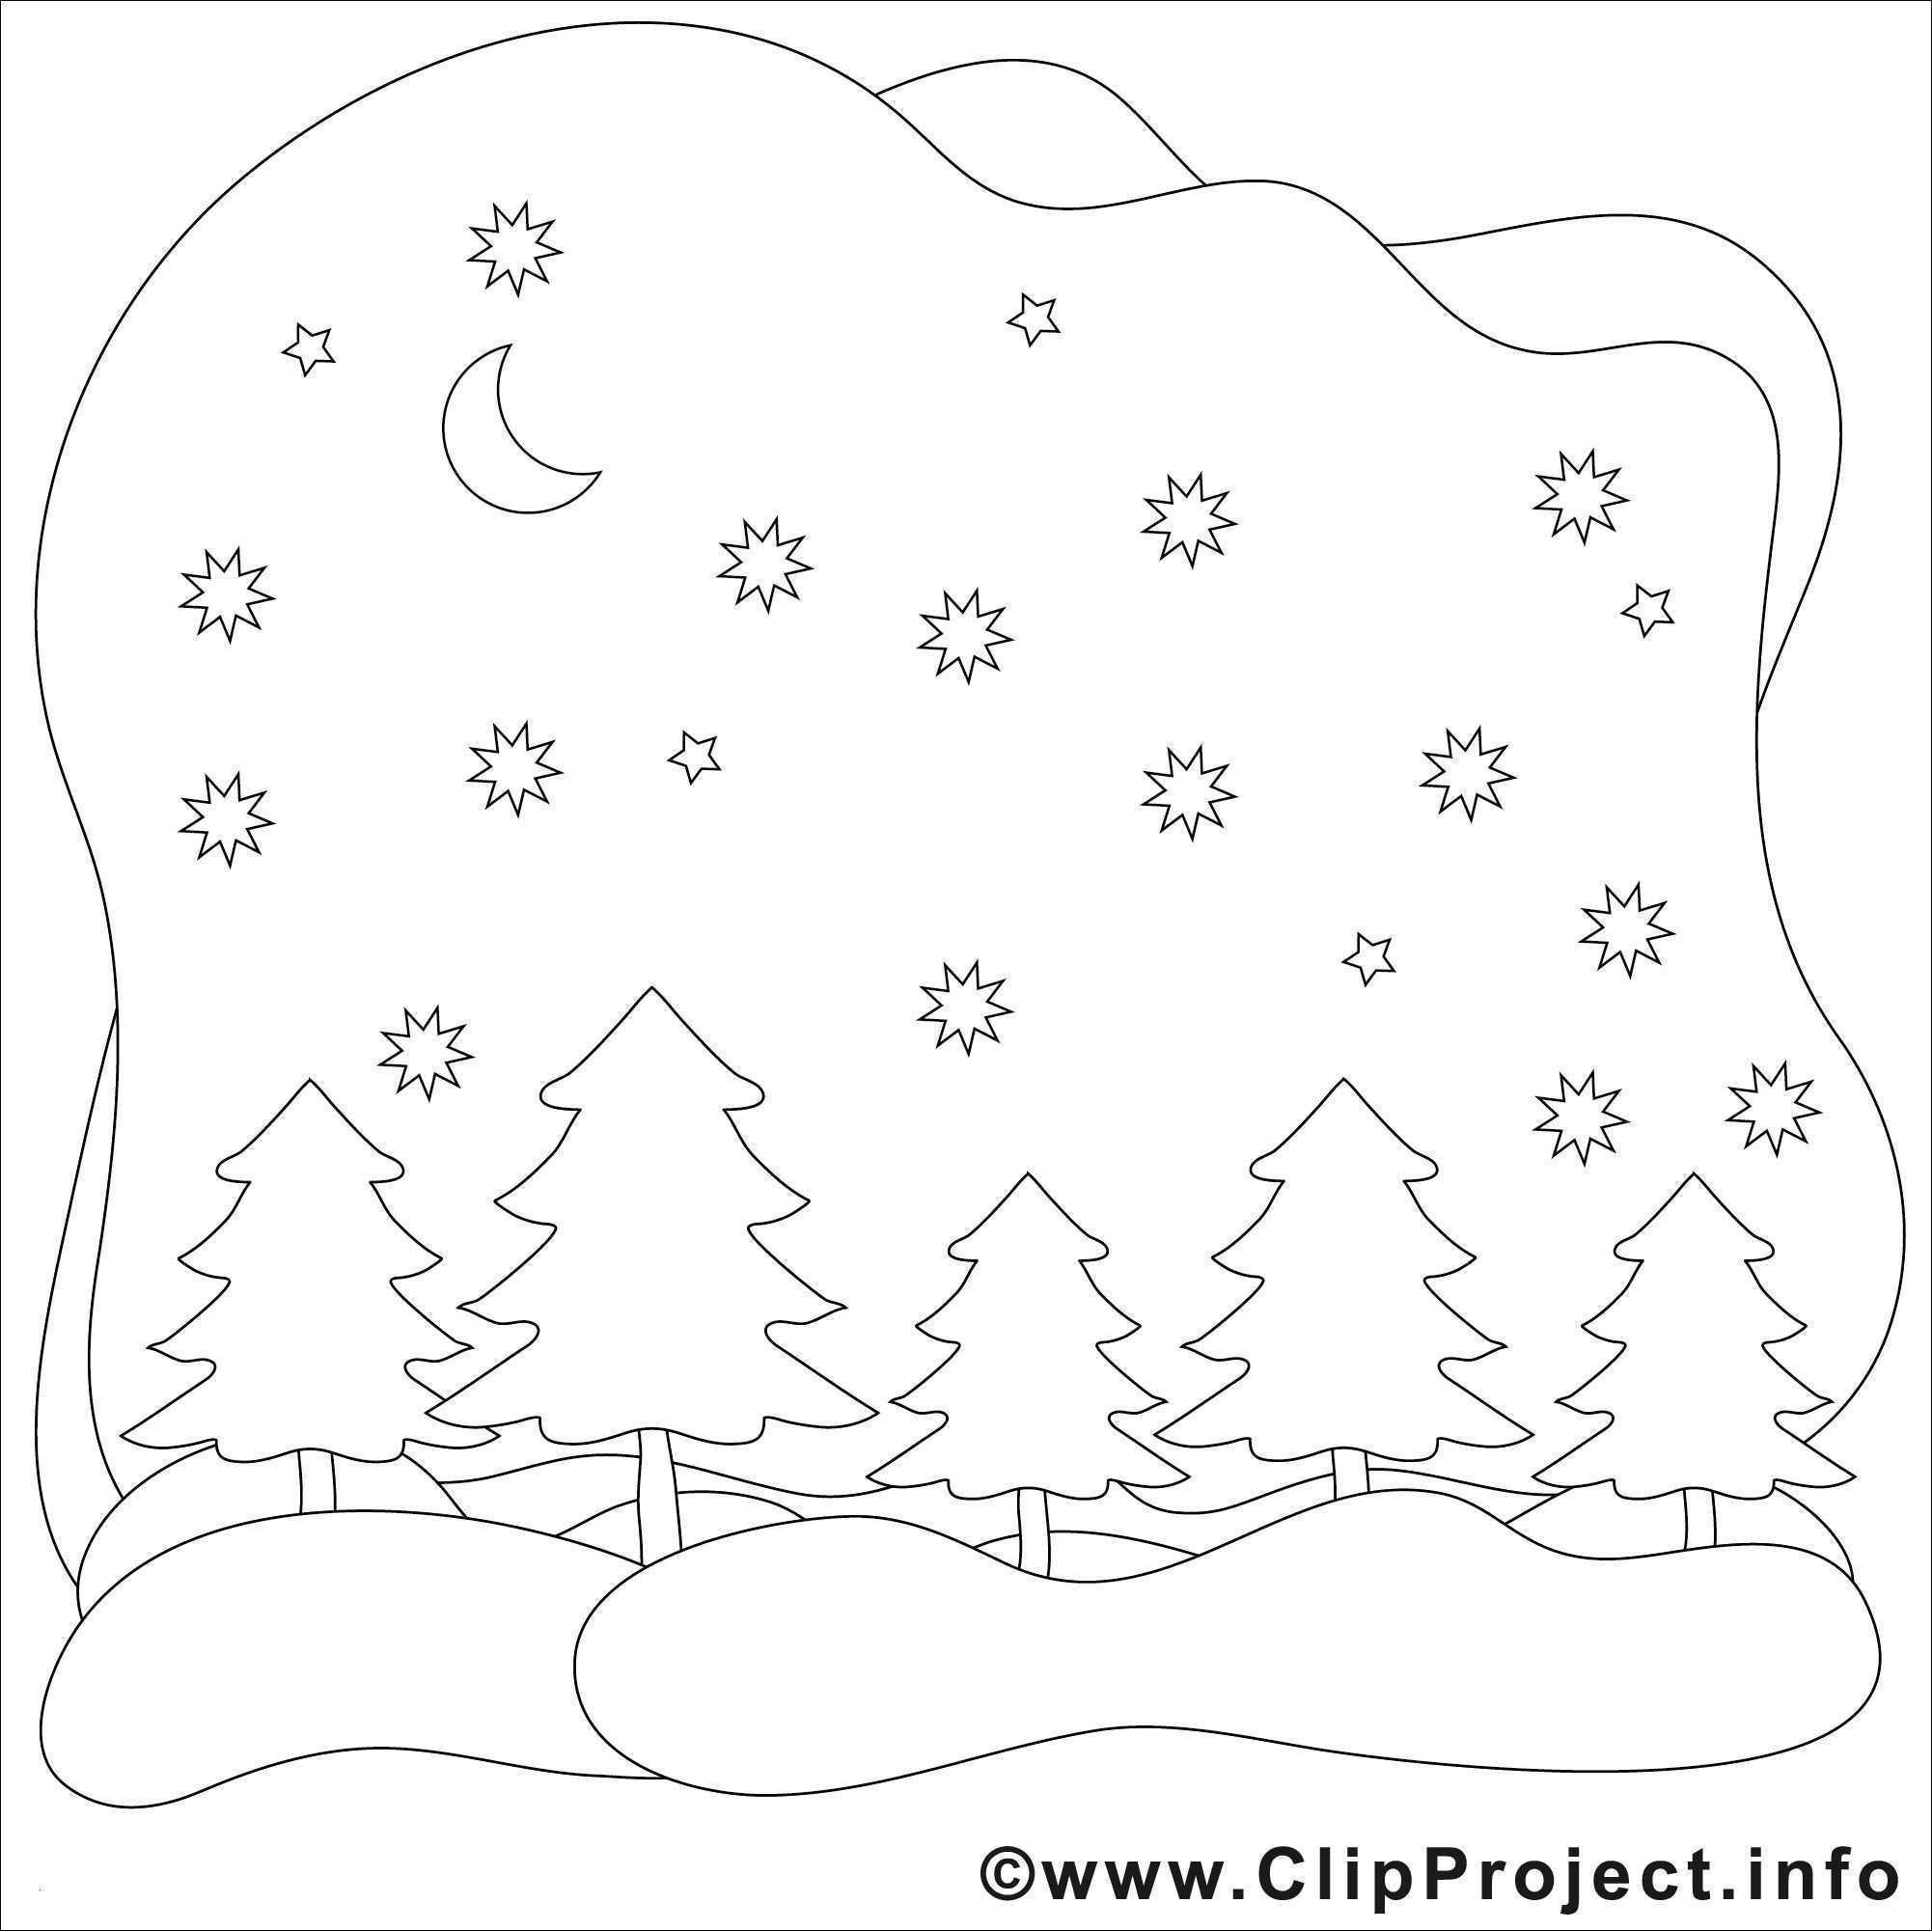 Ausmalbilder Für Kleinkinder Weihnachten Inspirierend Frei Druckbare Design Malvorlagen Fur Kostenlose Sammlung